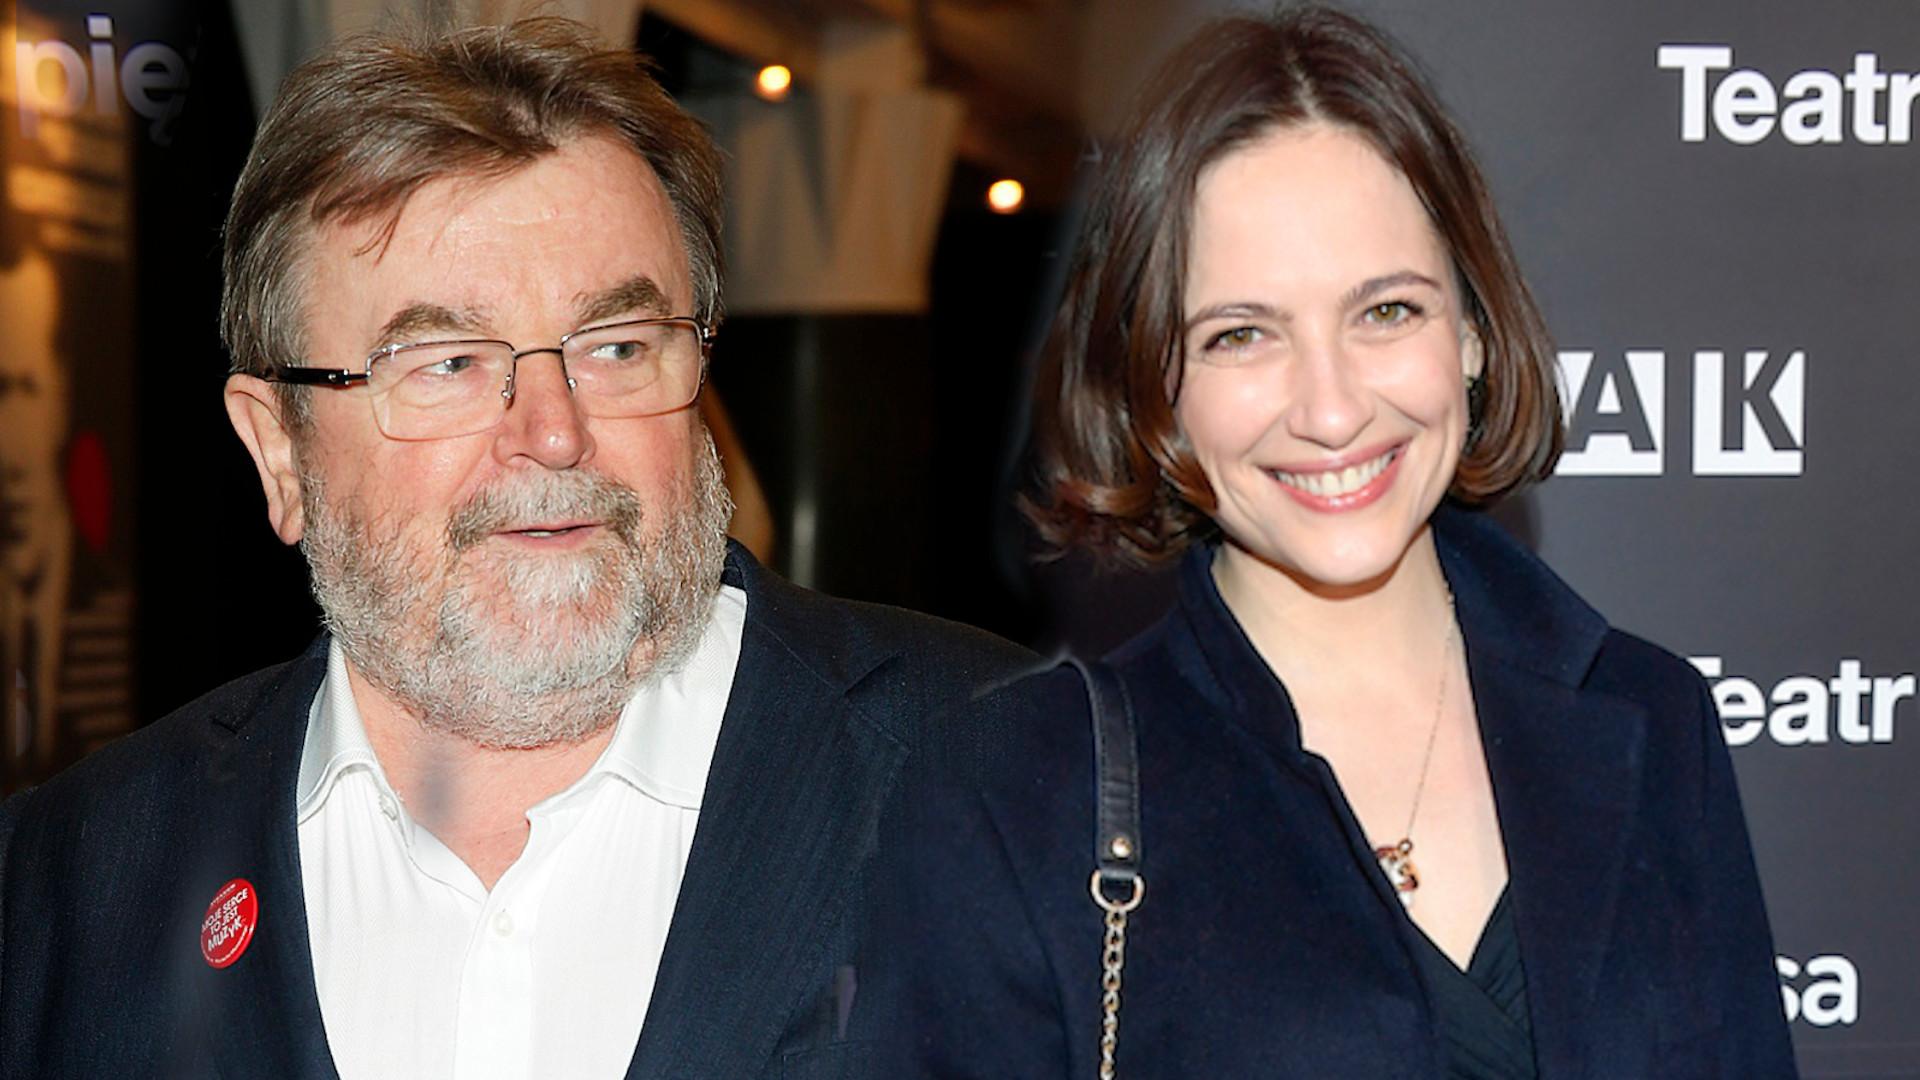 Anna Cieślak i Edward Miszczak są w SZOKU, że ich związek wyszedł na jaw